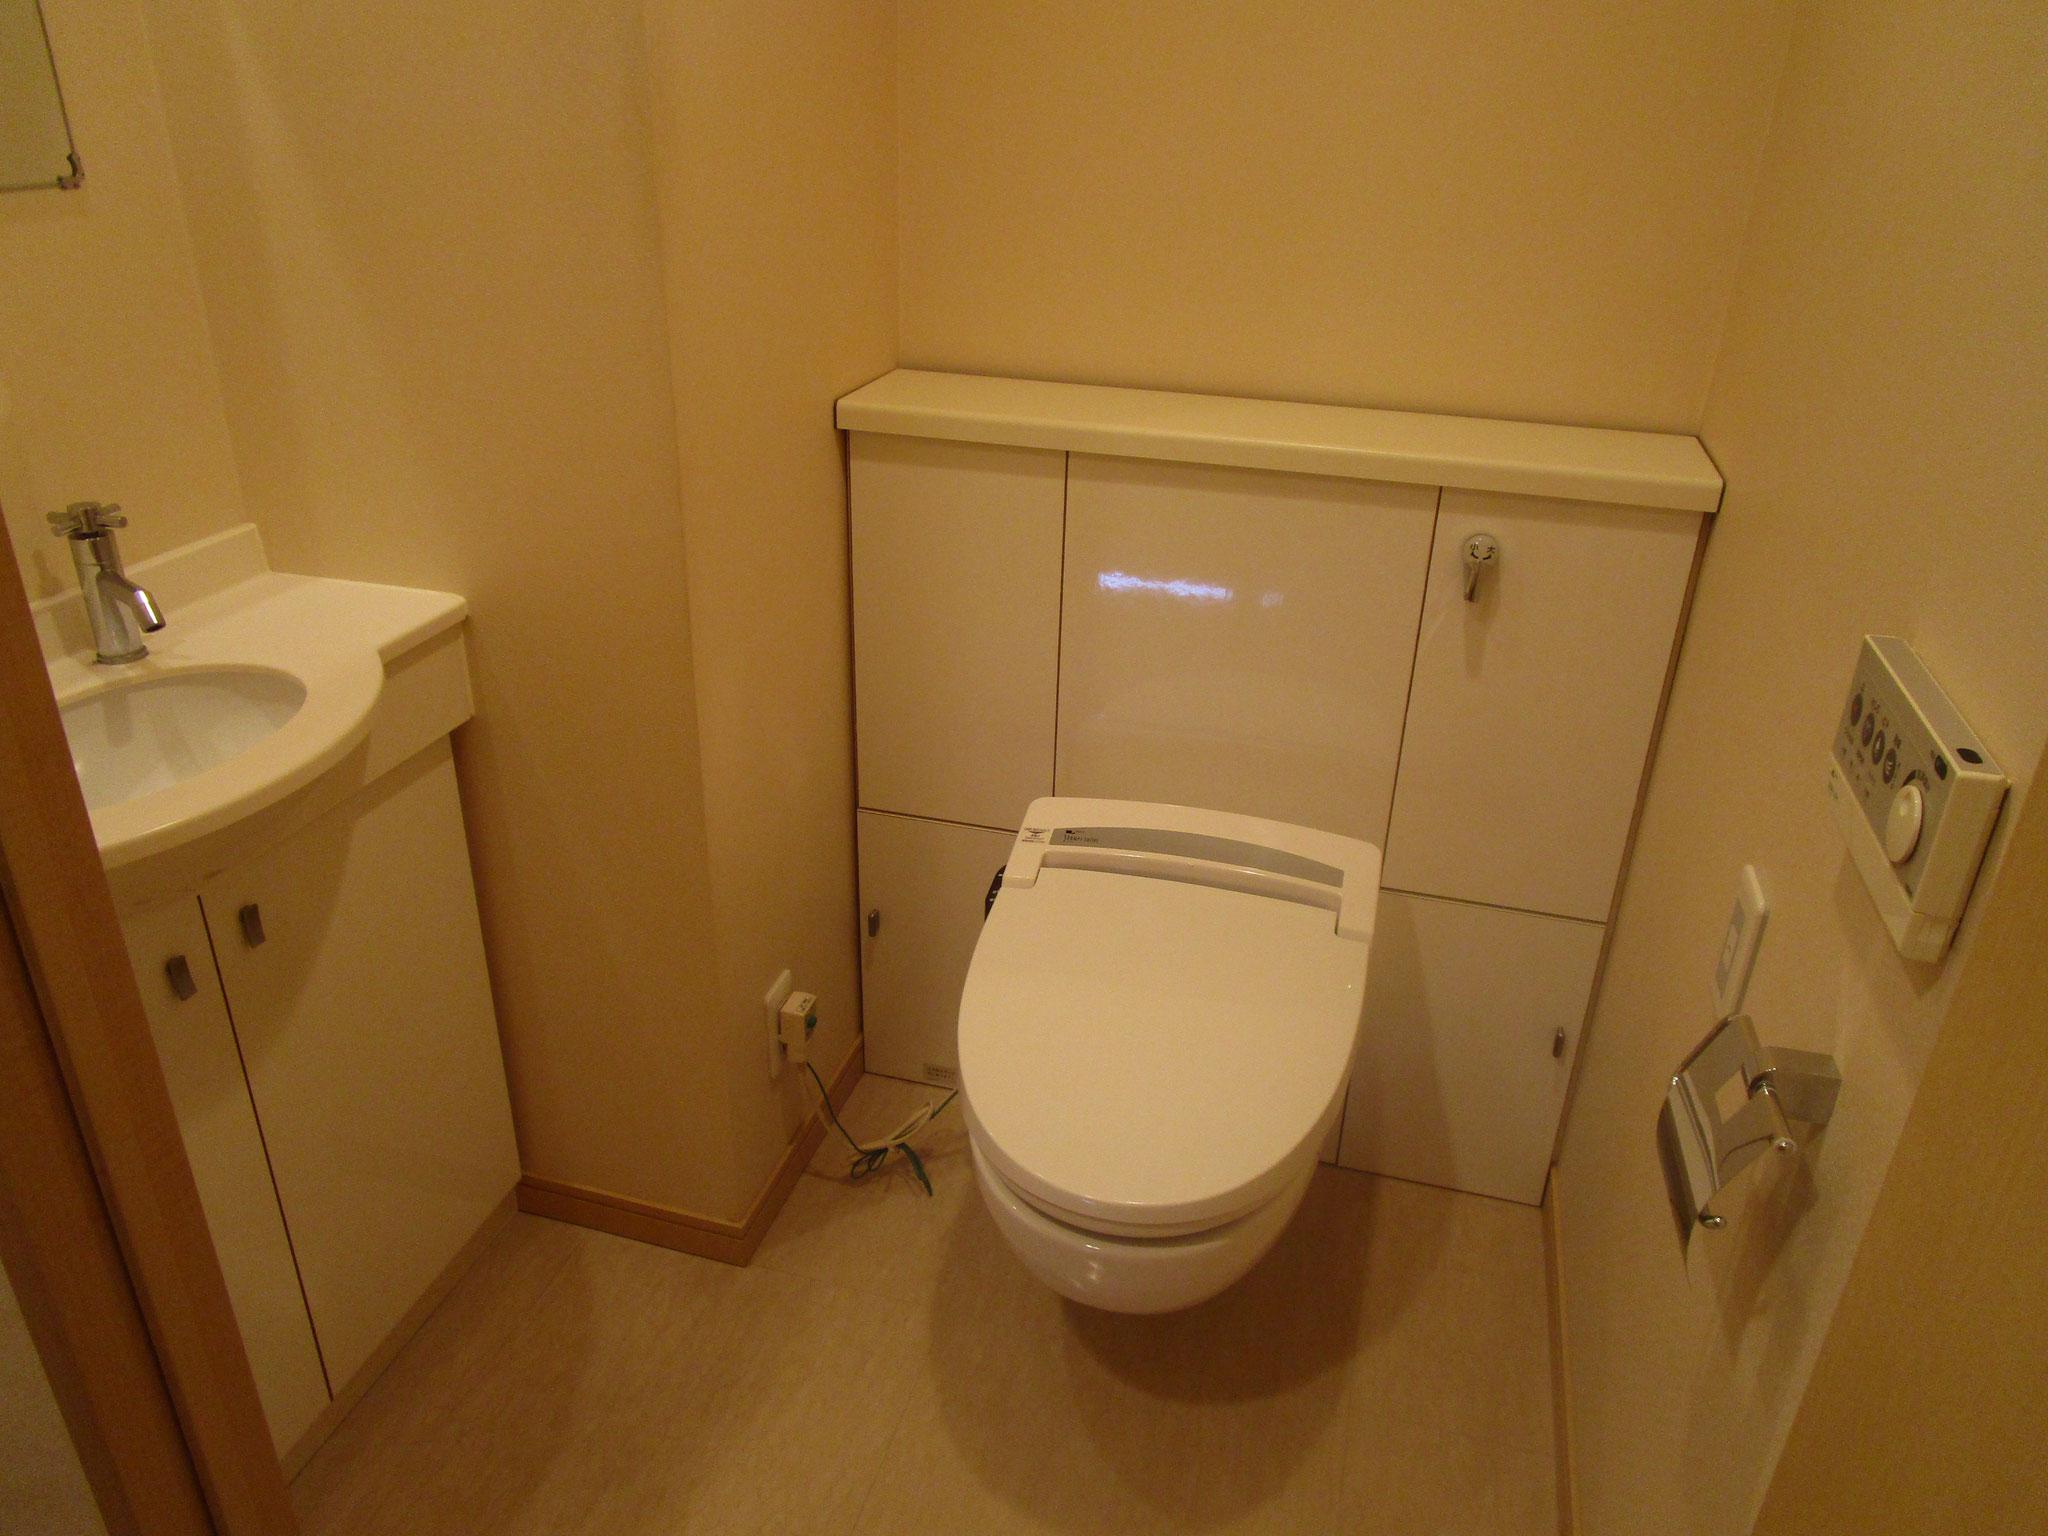 鏡付きの手洗いのあるトイレ